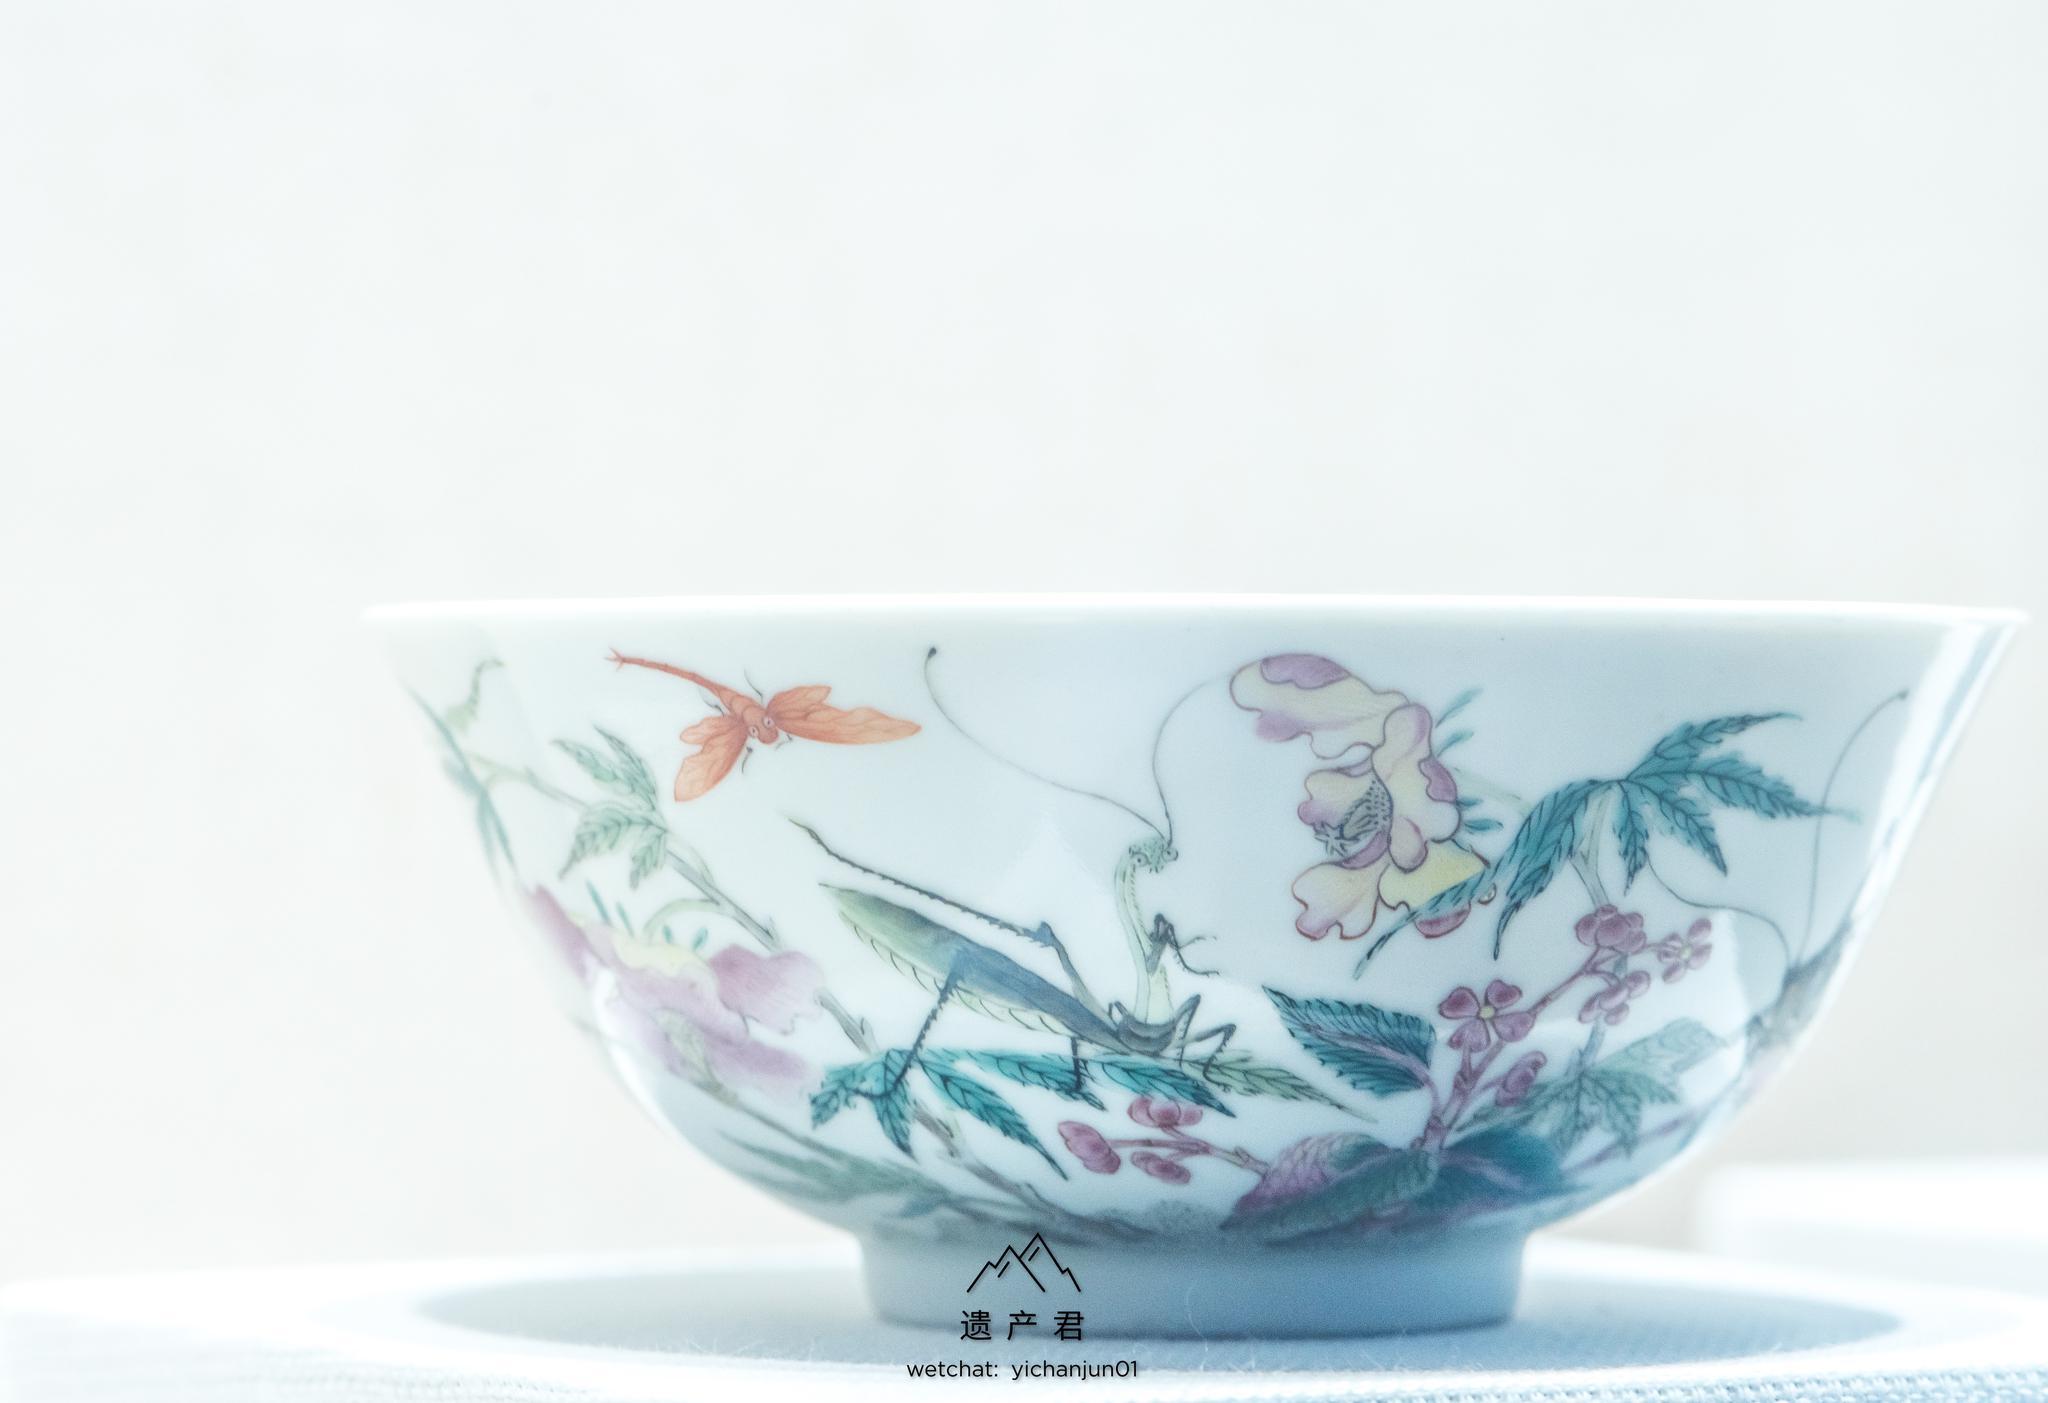 浙江省博物馆藏·清道光官窑粉彩花卉草虫纹碗